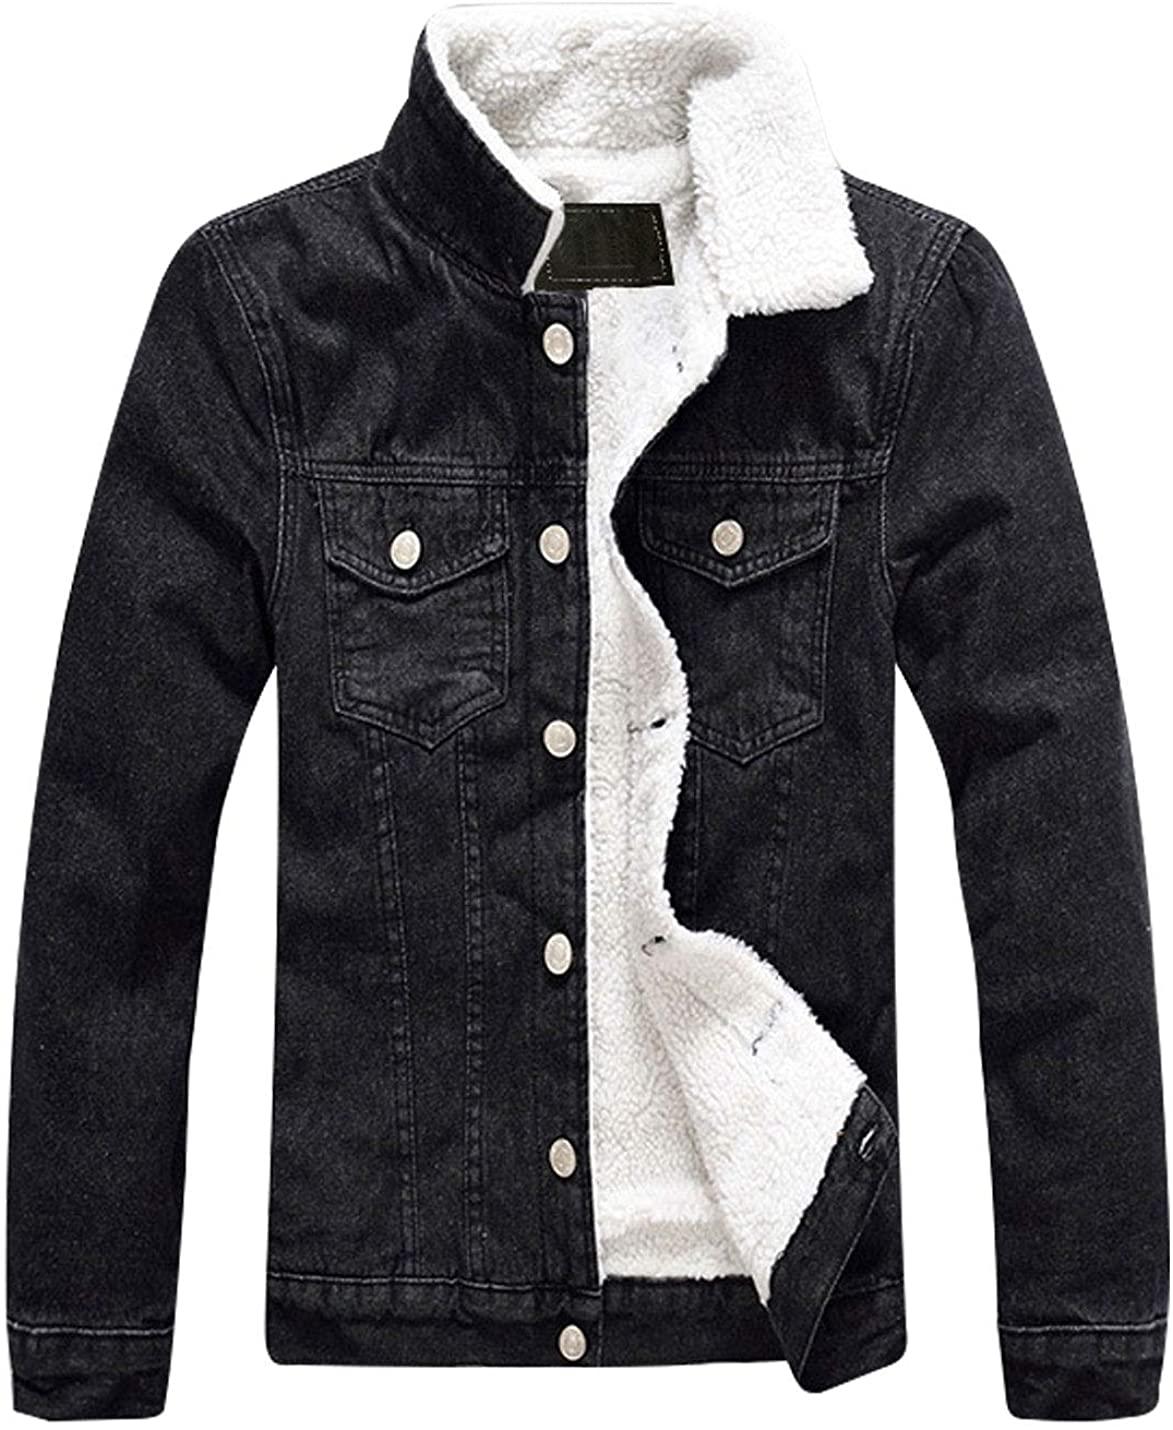 Omoone Men's Long Sleeves Lapel Sherpa Fleece Lined Black Jean Denim Jacket Coat